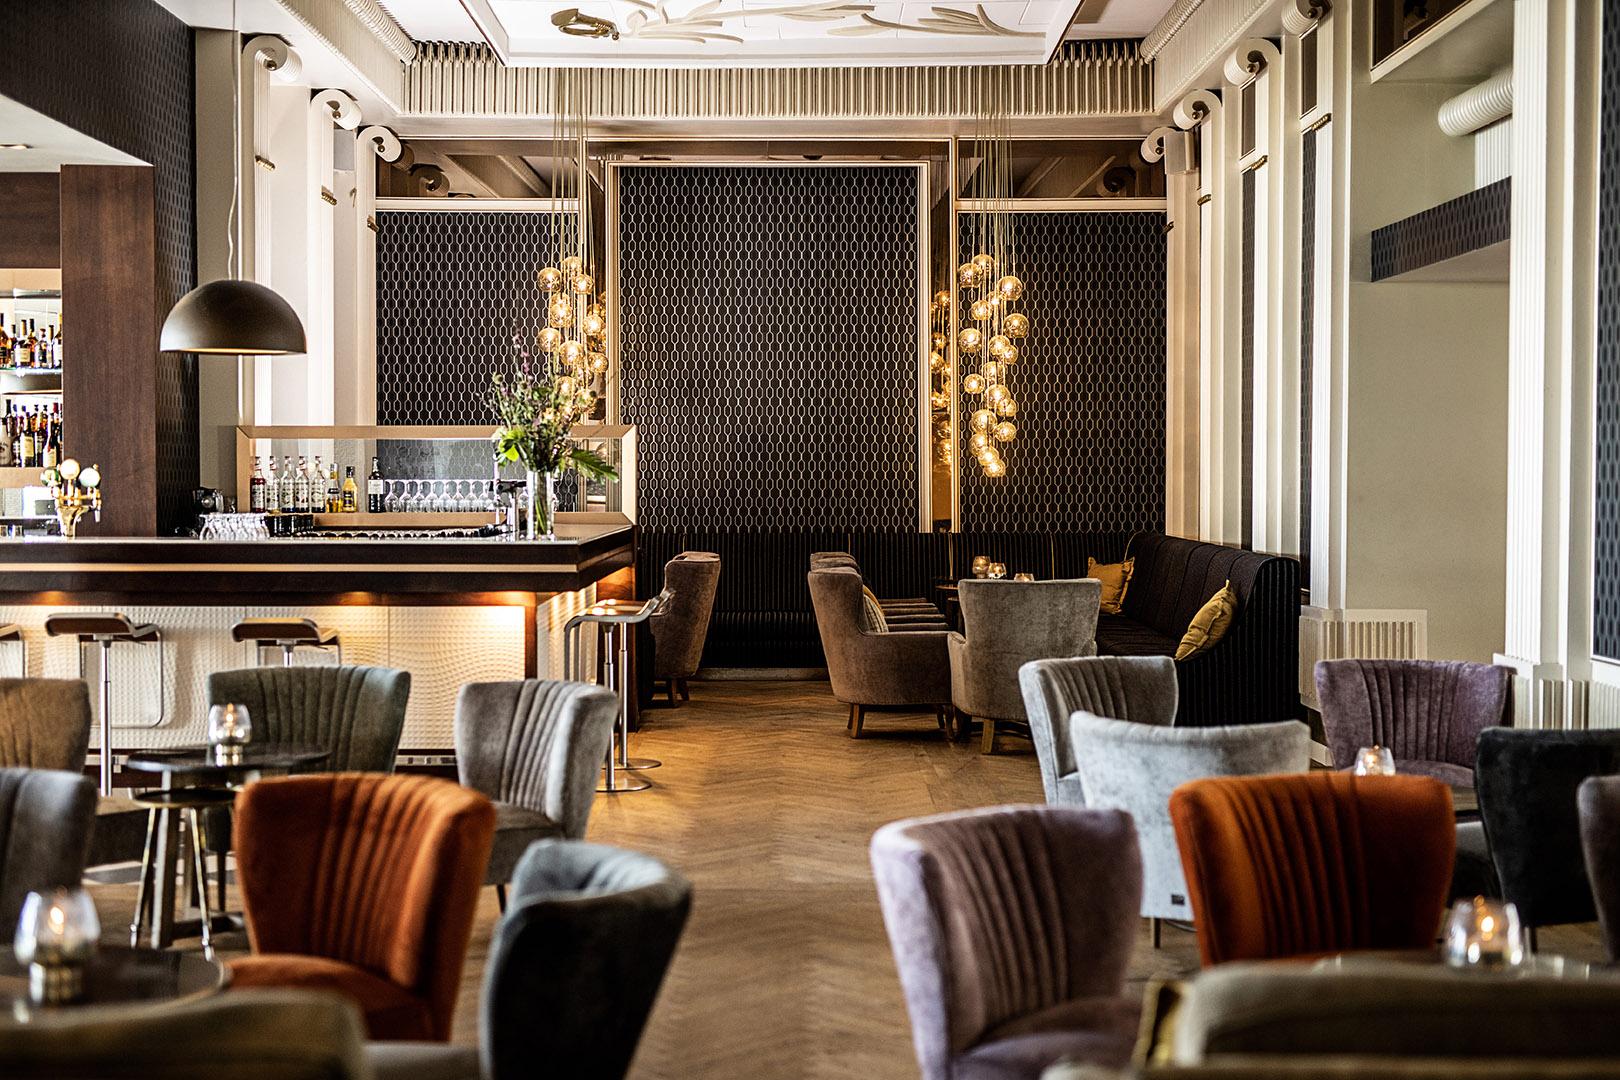 Marienlyst_8_lounge_Marienlyst Strandhotel